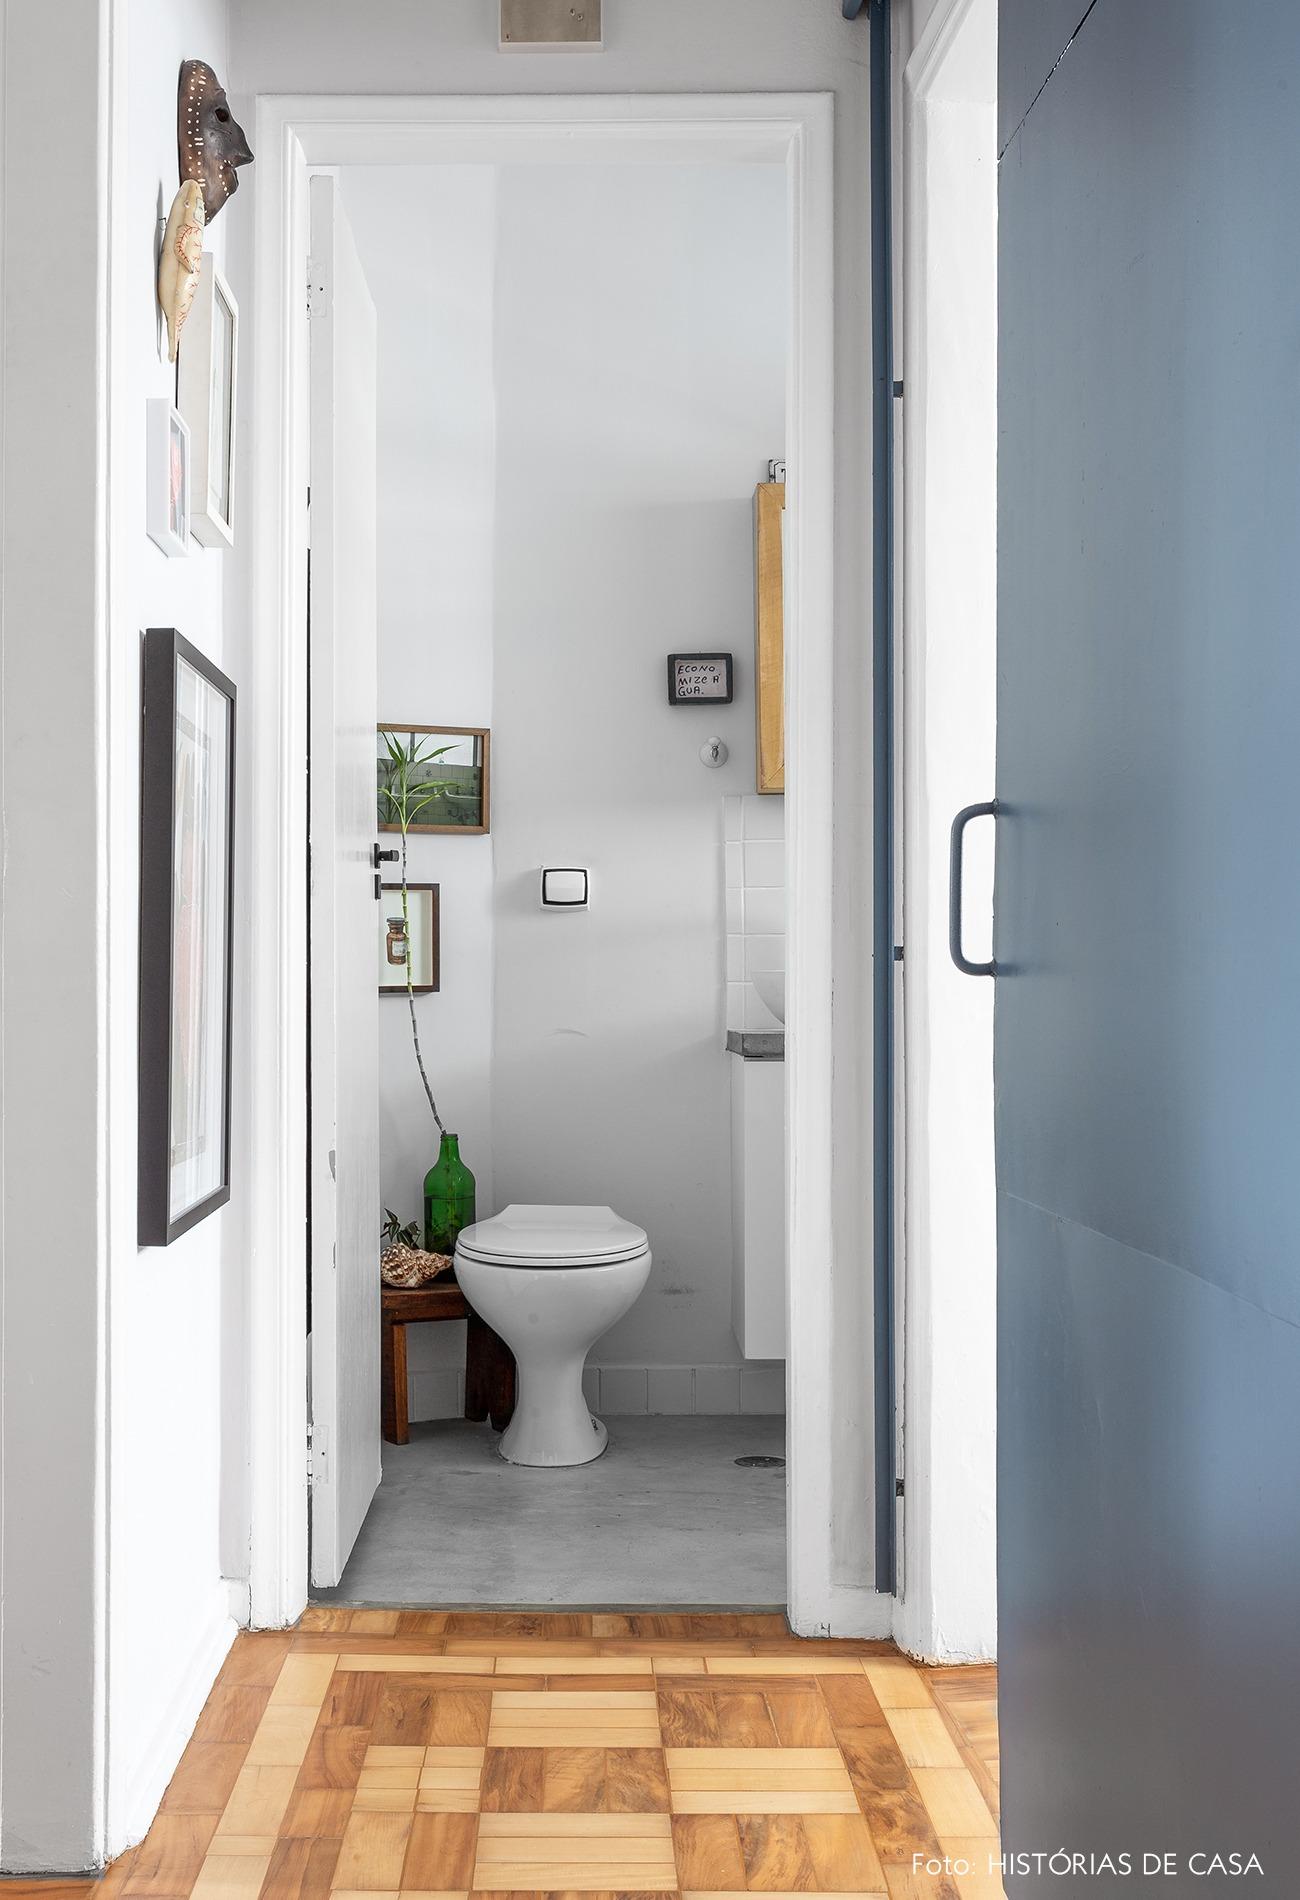 decoração corredor com piso de taco de madeira e banheiro com plantas